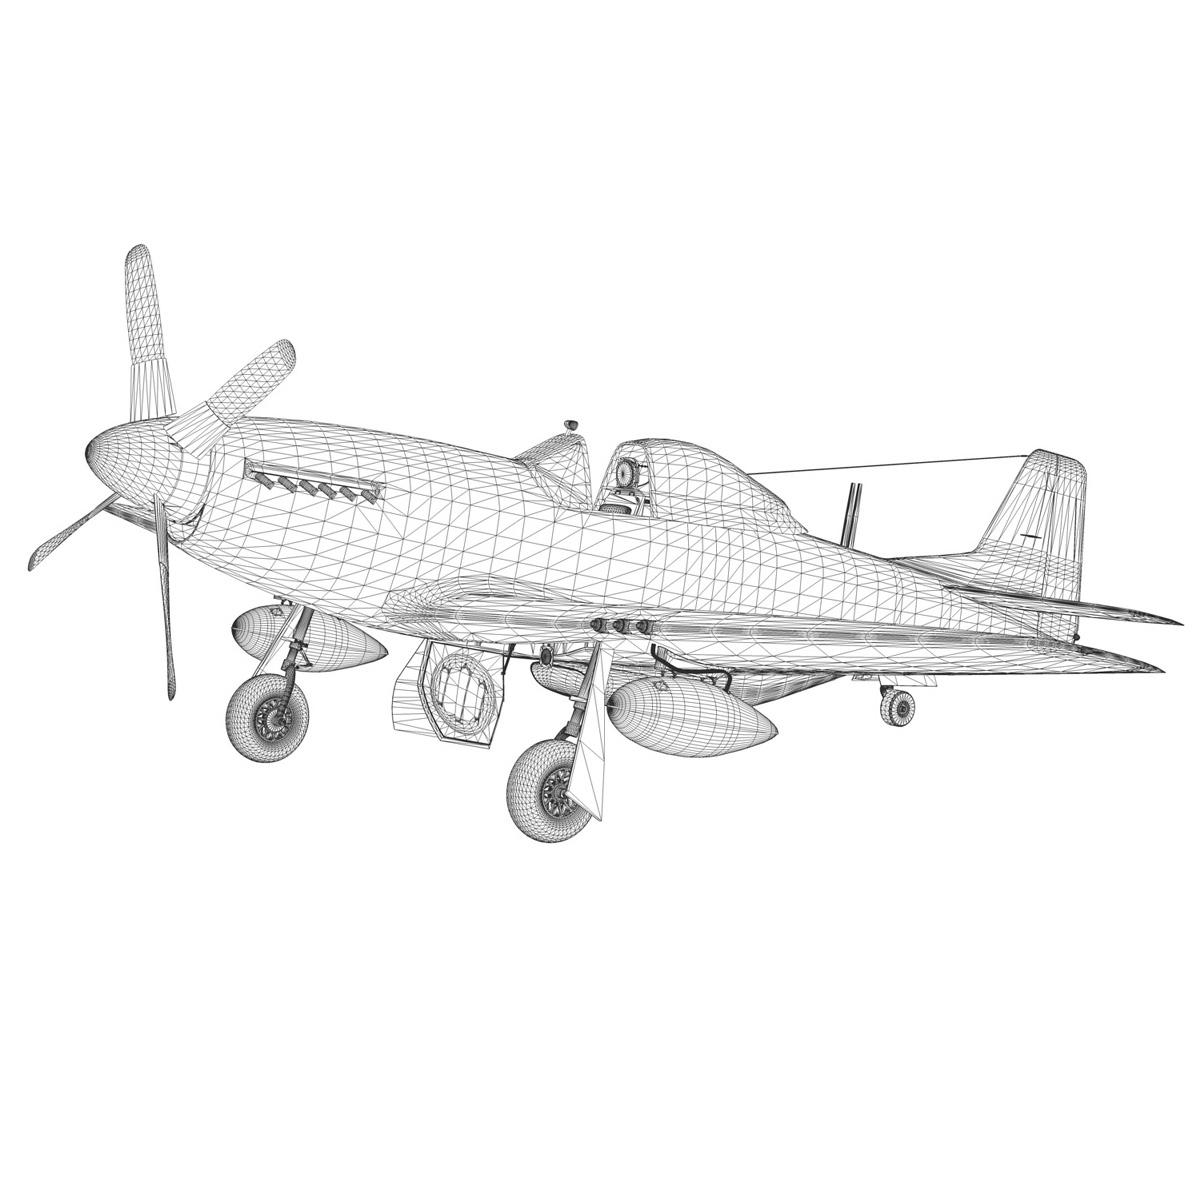 north american p-51d mustang – glengary guy 3d model fbx c4d lwo obj 267534